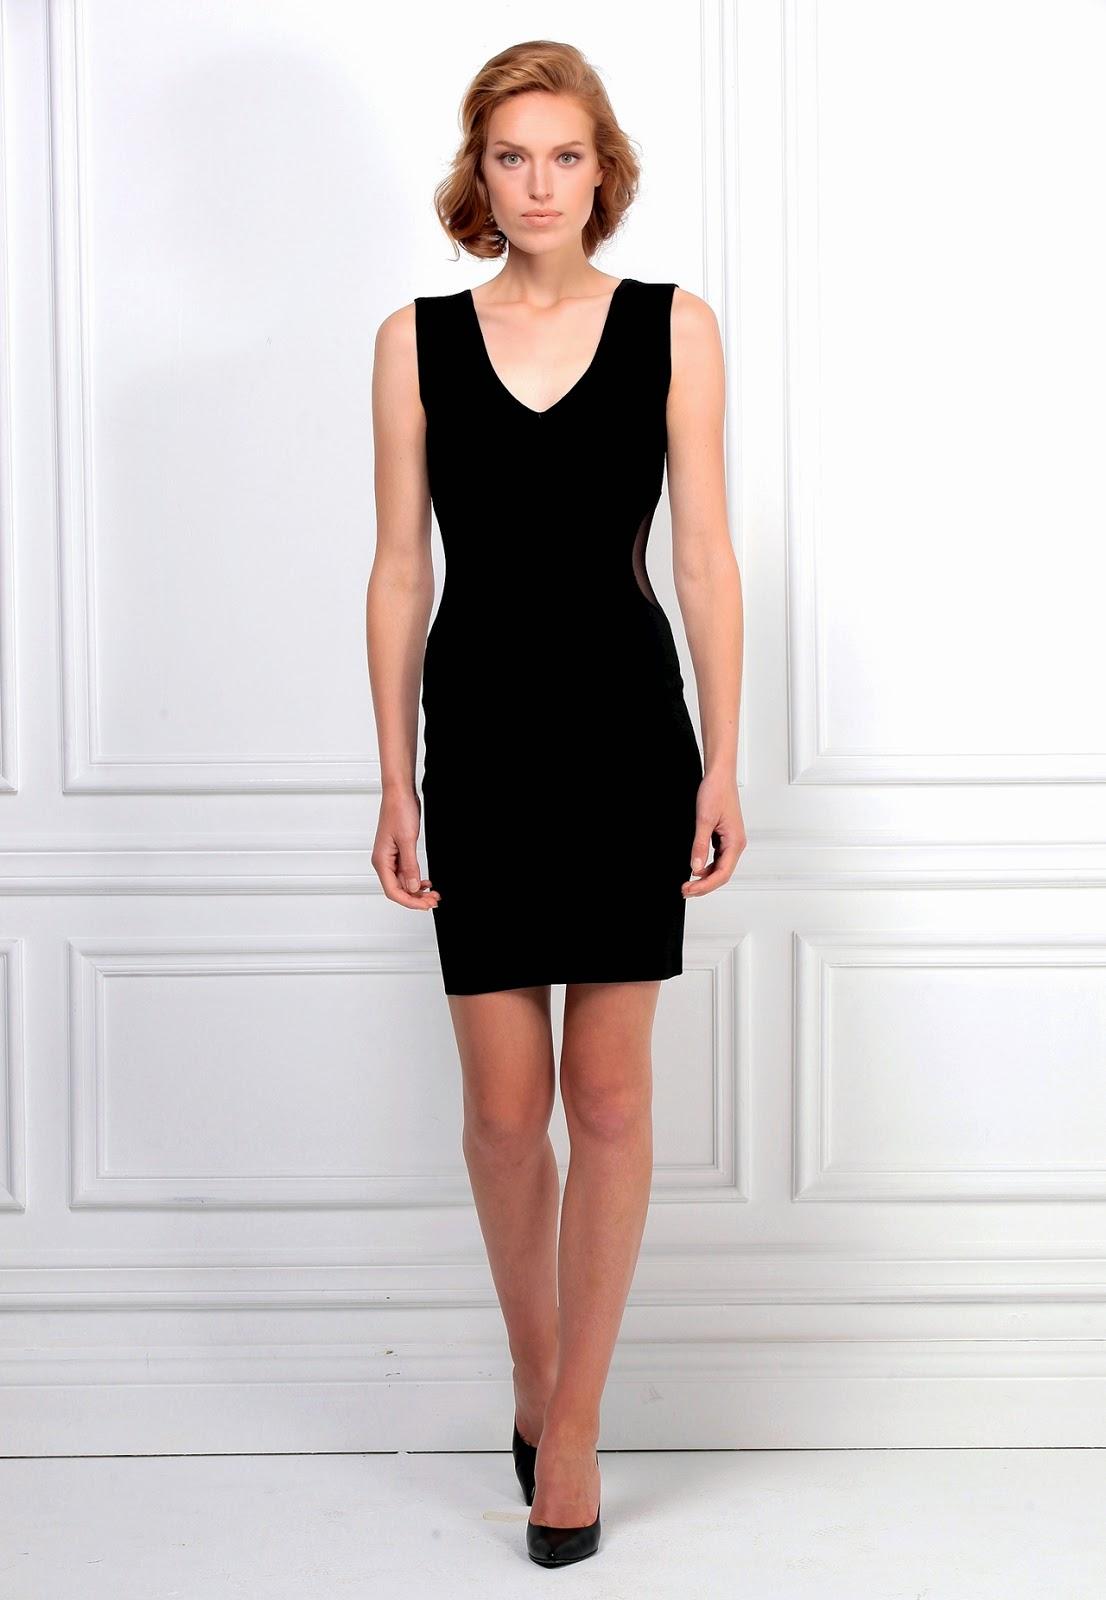 düşük yaka elbise, siyah elbise, kısa elbise, dar elbise, kolsuz elbise, 2015 elbise modelleri,